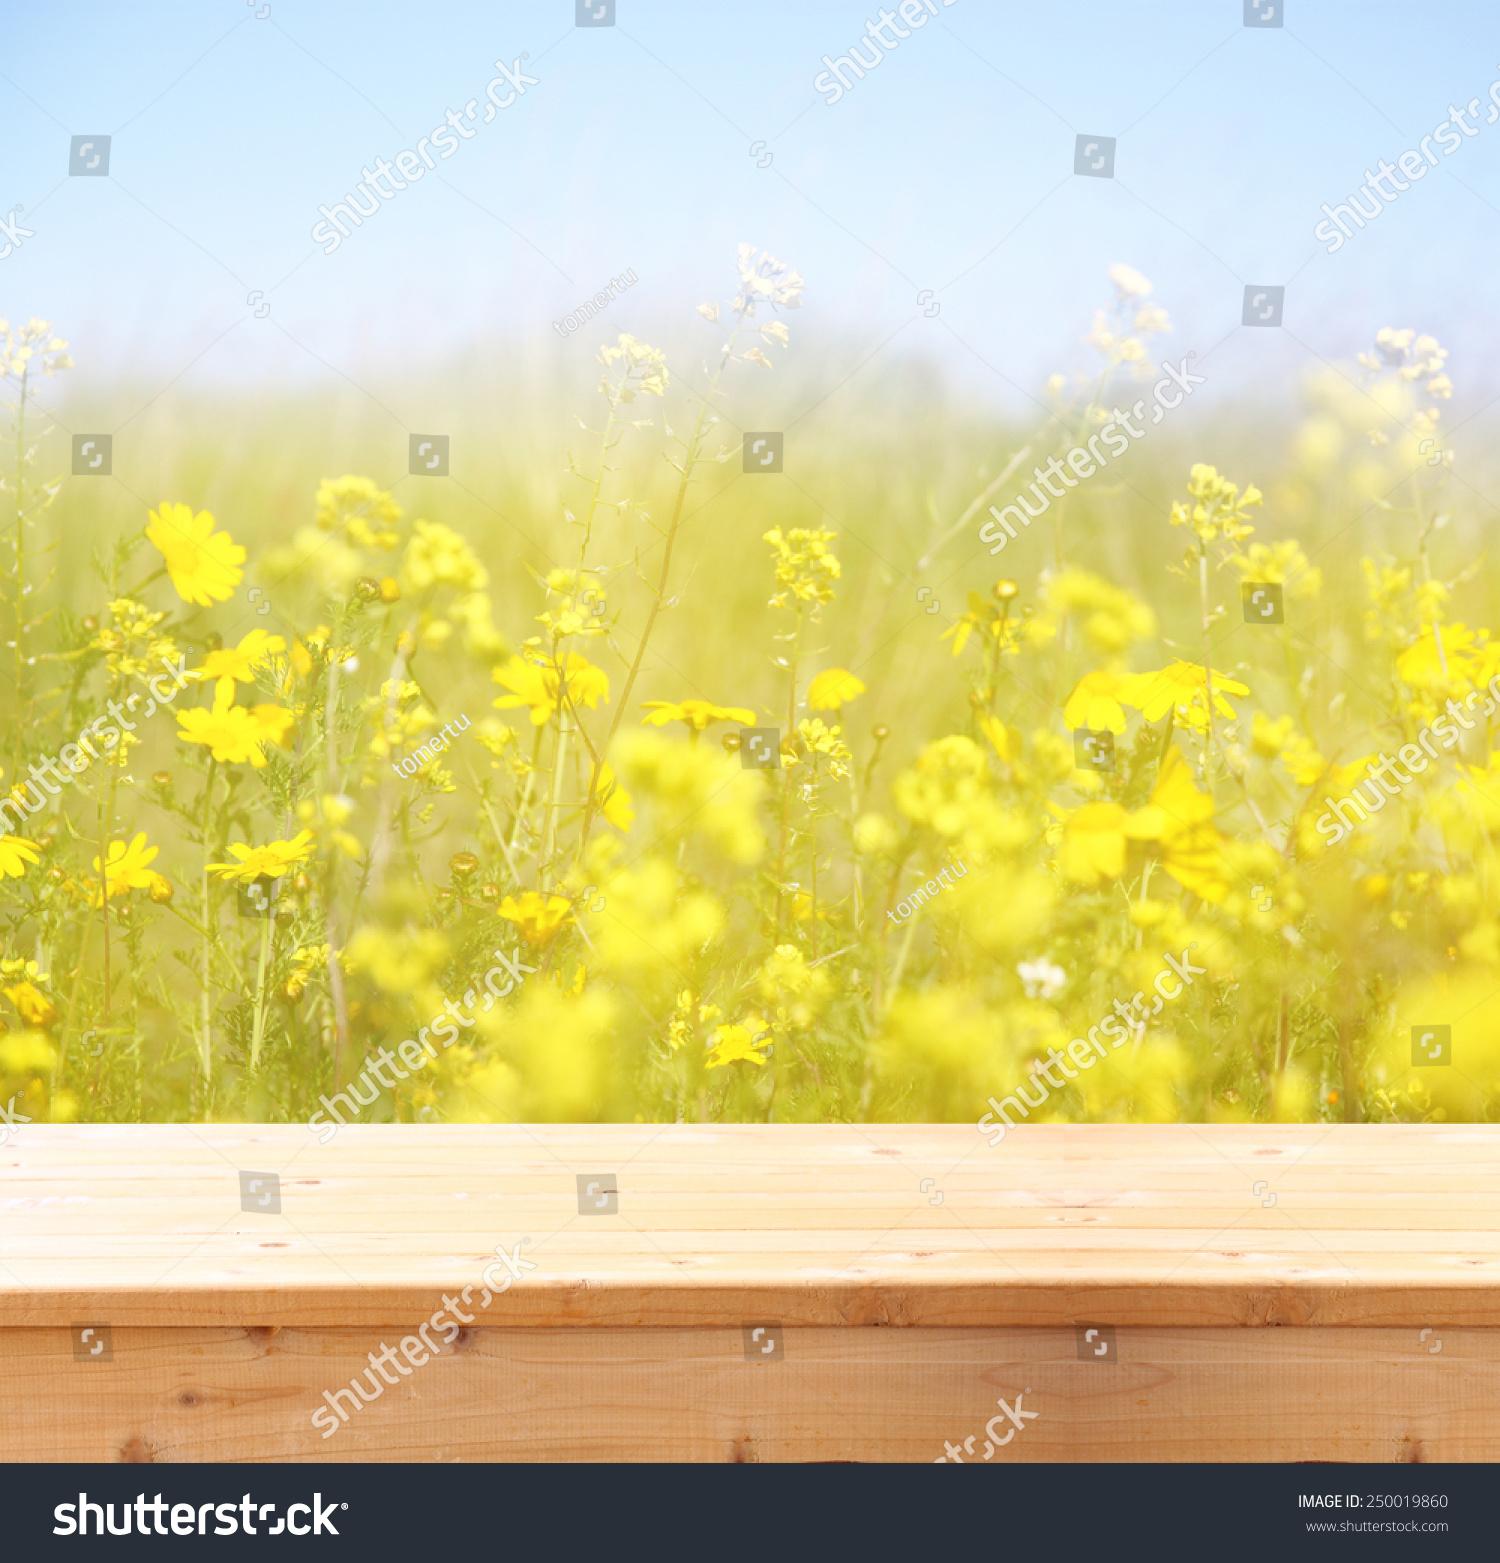 双曝光的花田在夏季景观前的木板台-背景/素材,自然